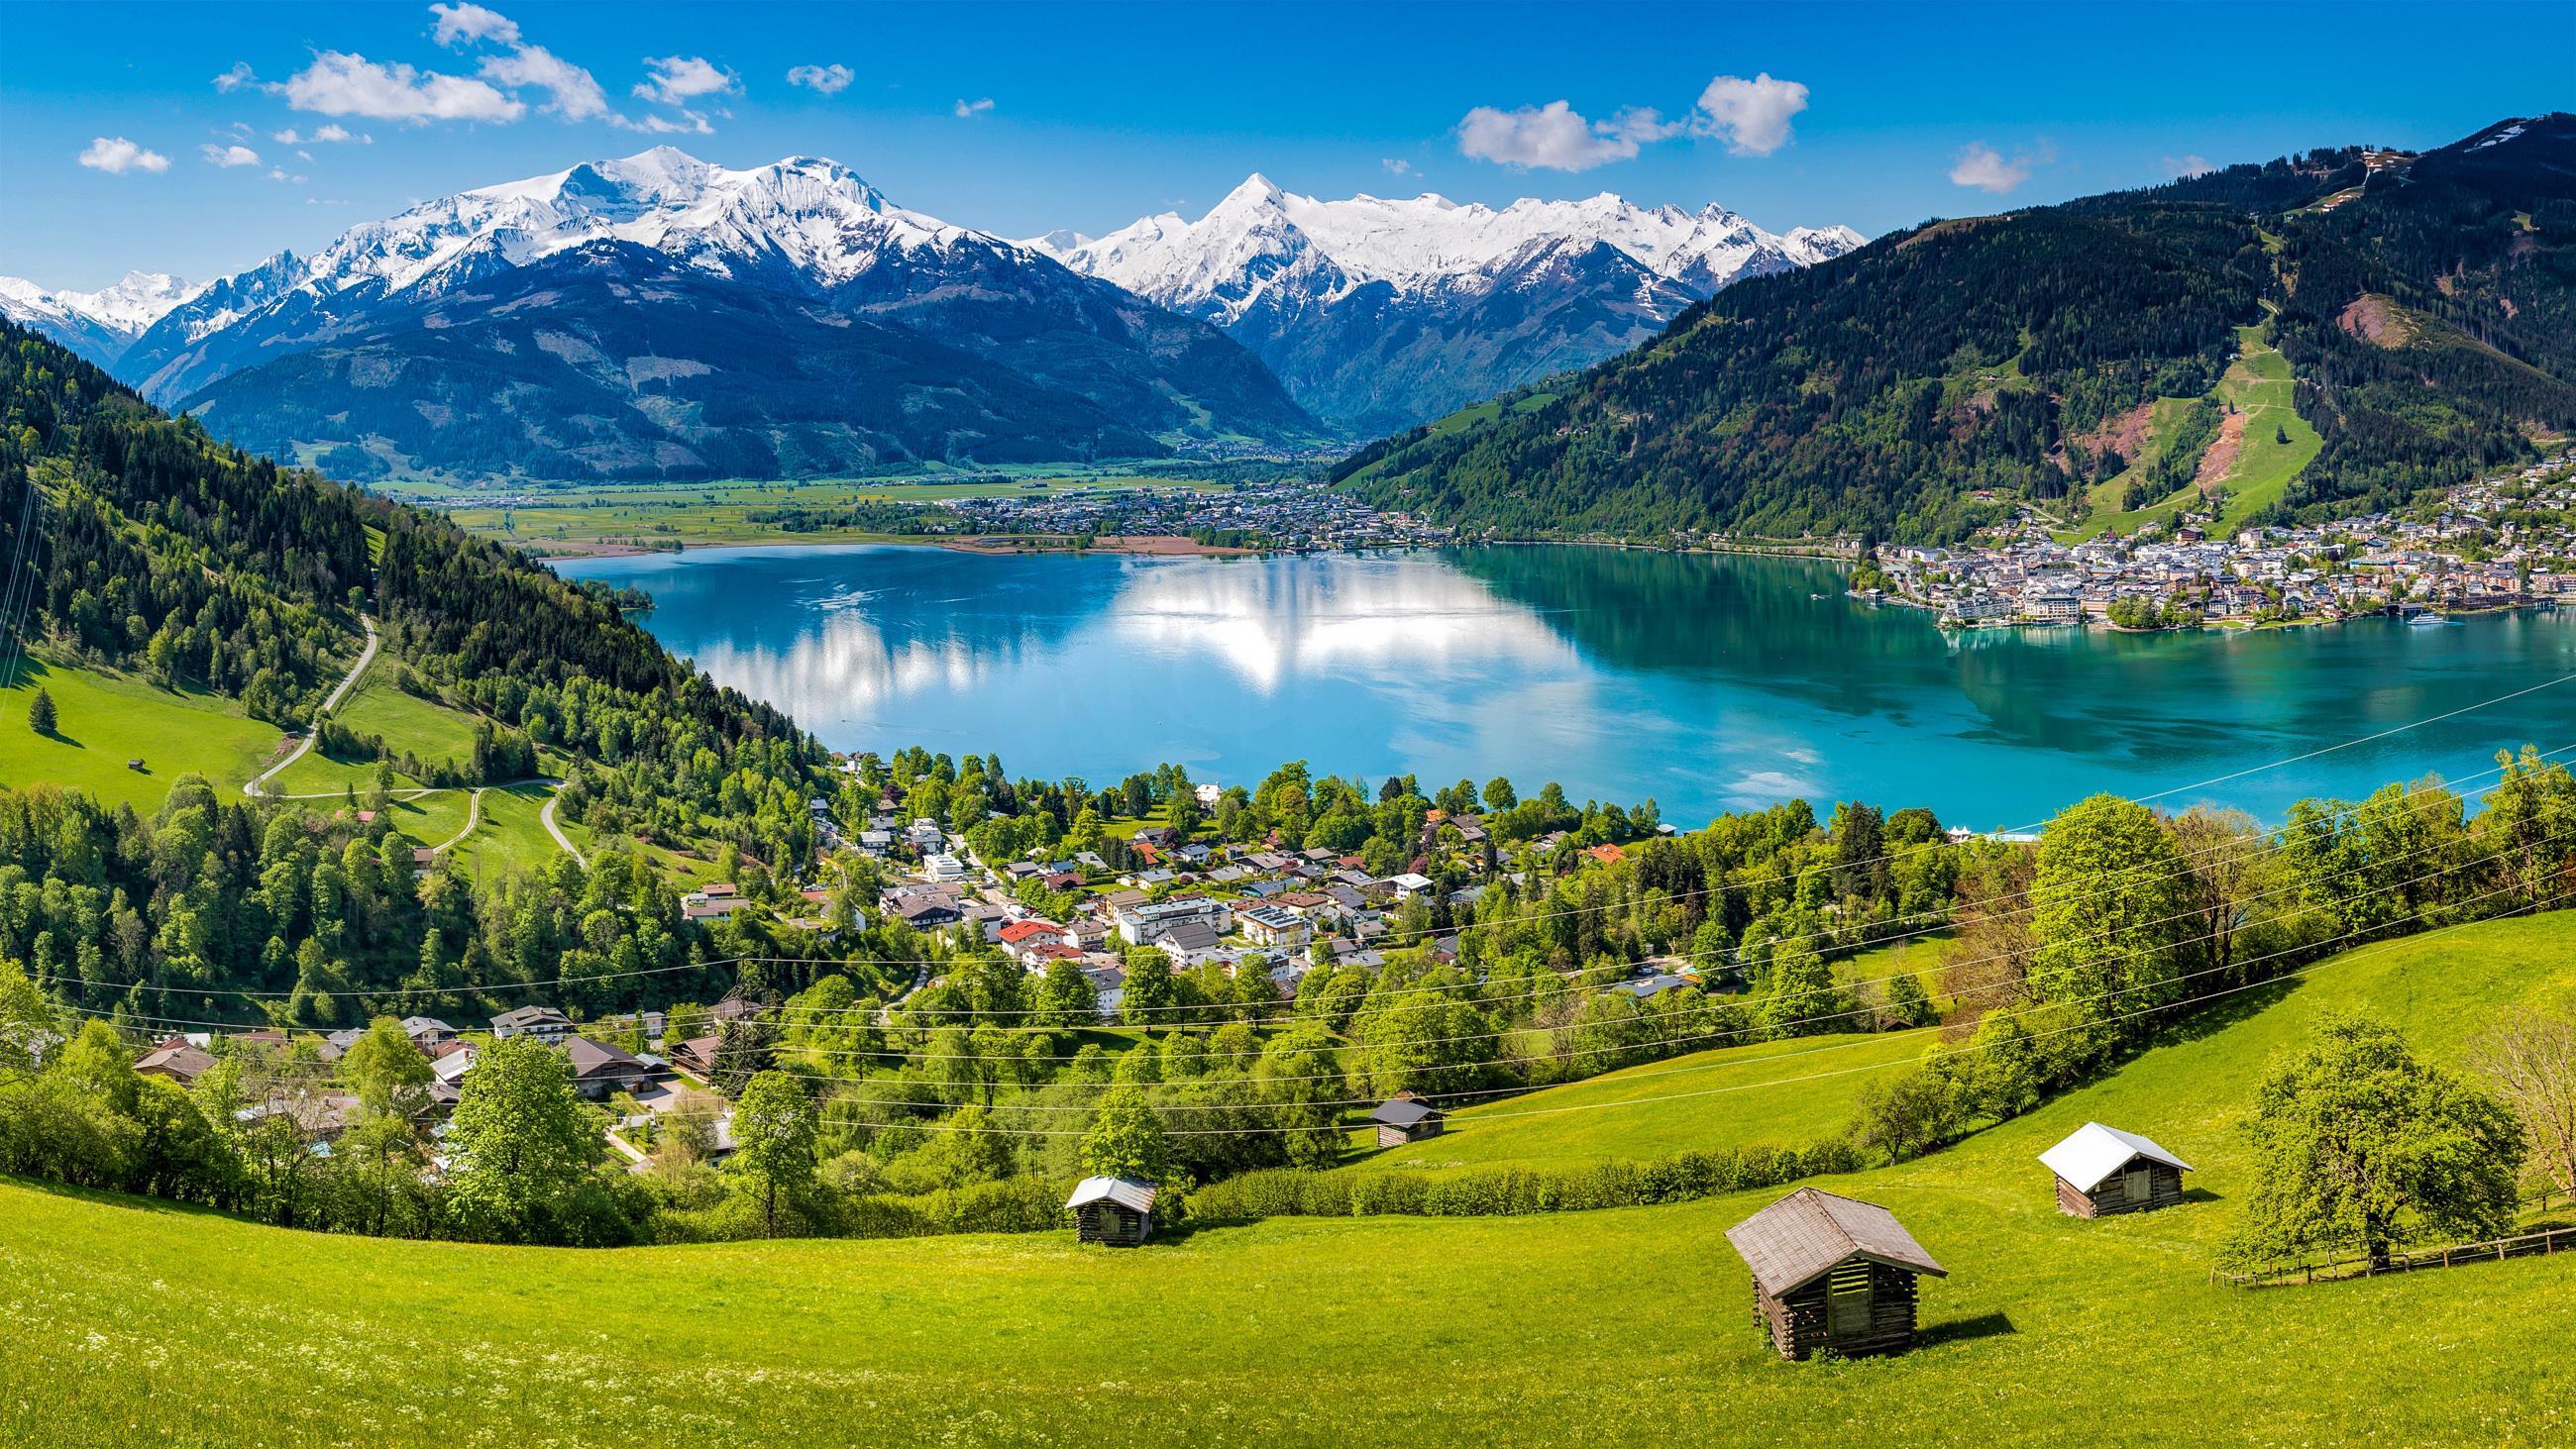 Nechte se okouzlit půvabem okolí Zell am See